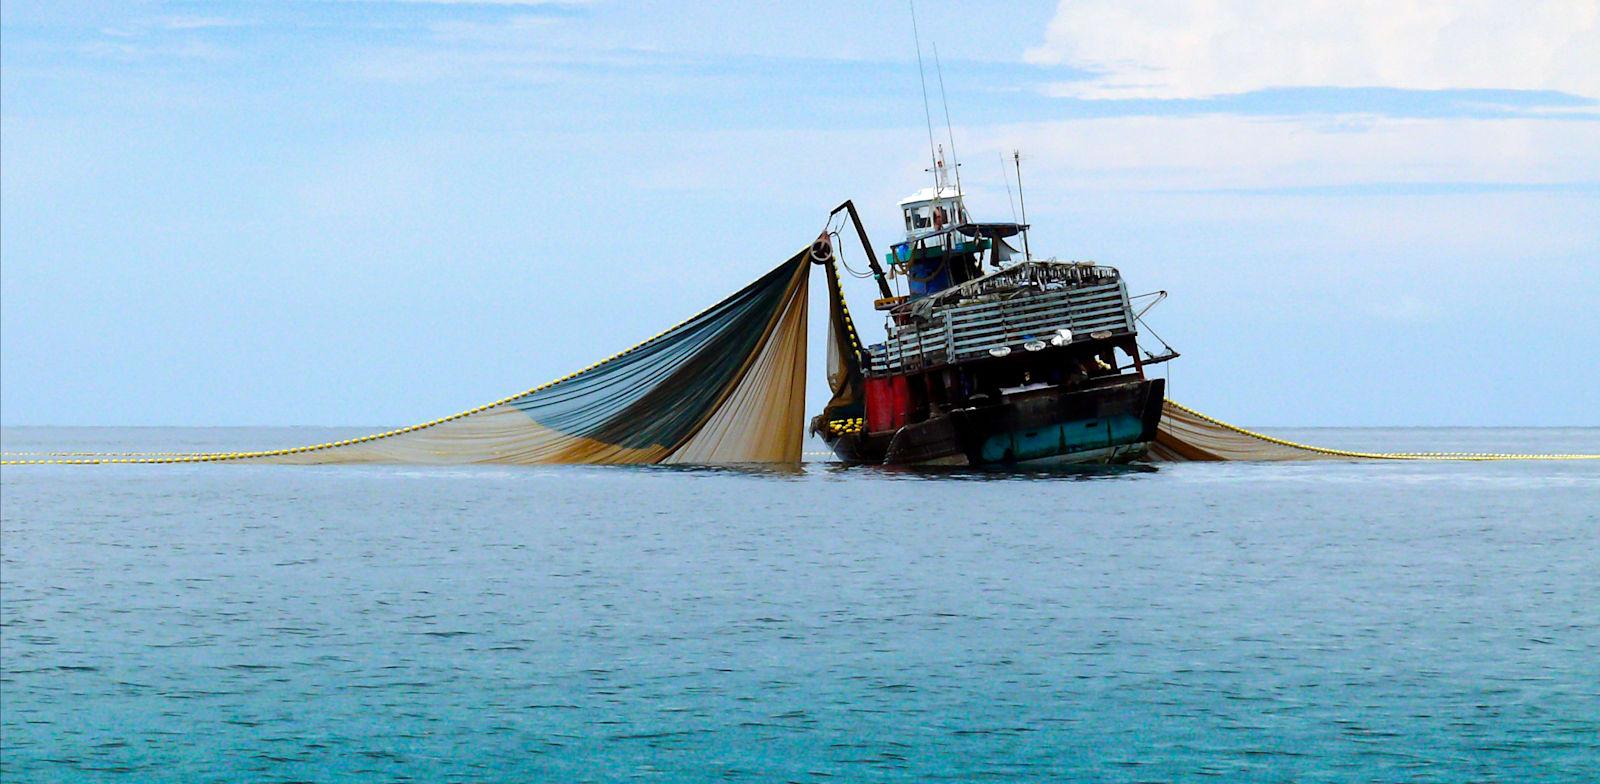 מכמורת דייג ענקית. פורסת רשת עד קרקעית הים וכורתת צמחייה ימית, דולפינים, צבי ים וחיות גדולות כקטנות / צילום: Shutterstock